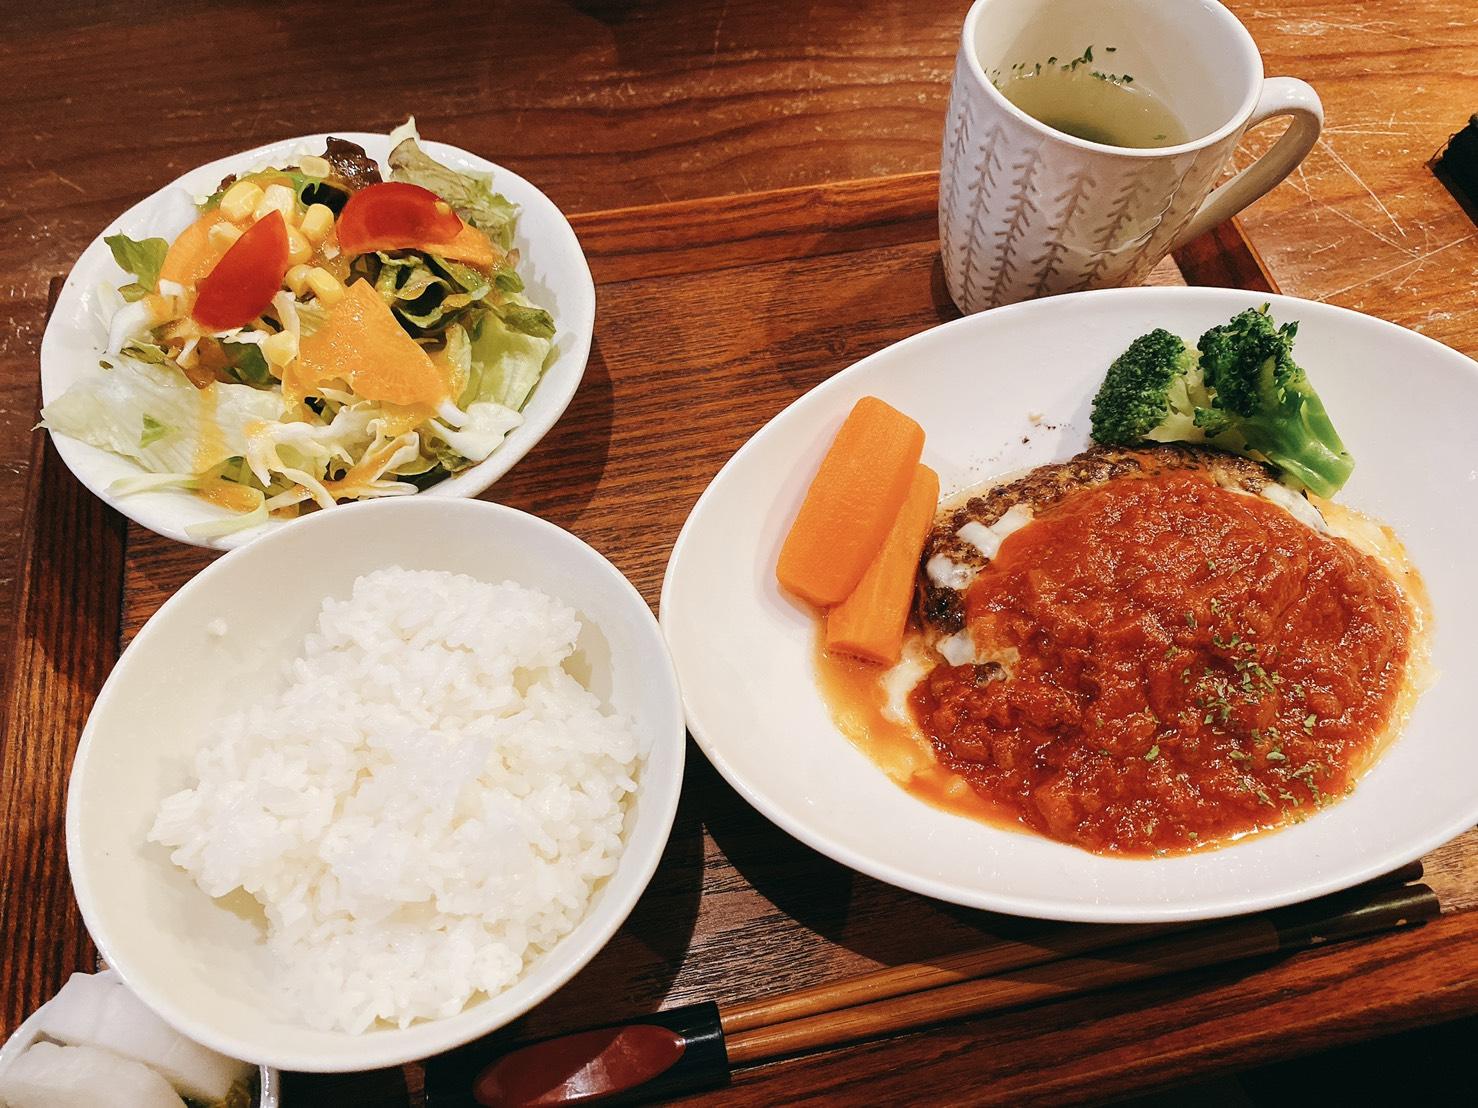 大洲城すぐ近く!カフェ「羅り瑠れ櫓」(らりるれろ)で「イタリアチーズハンバーグセット」を食べてきたよ!